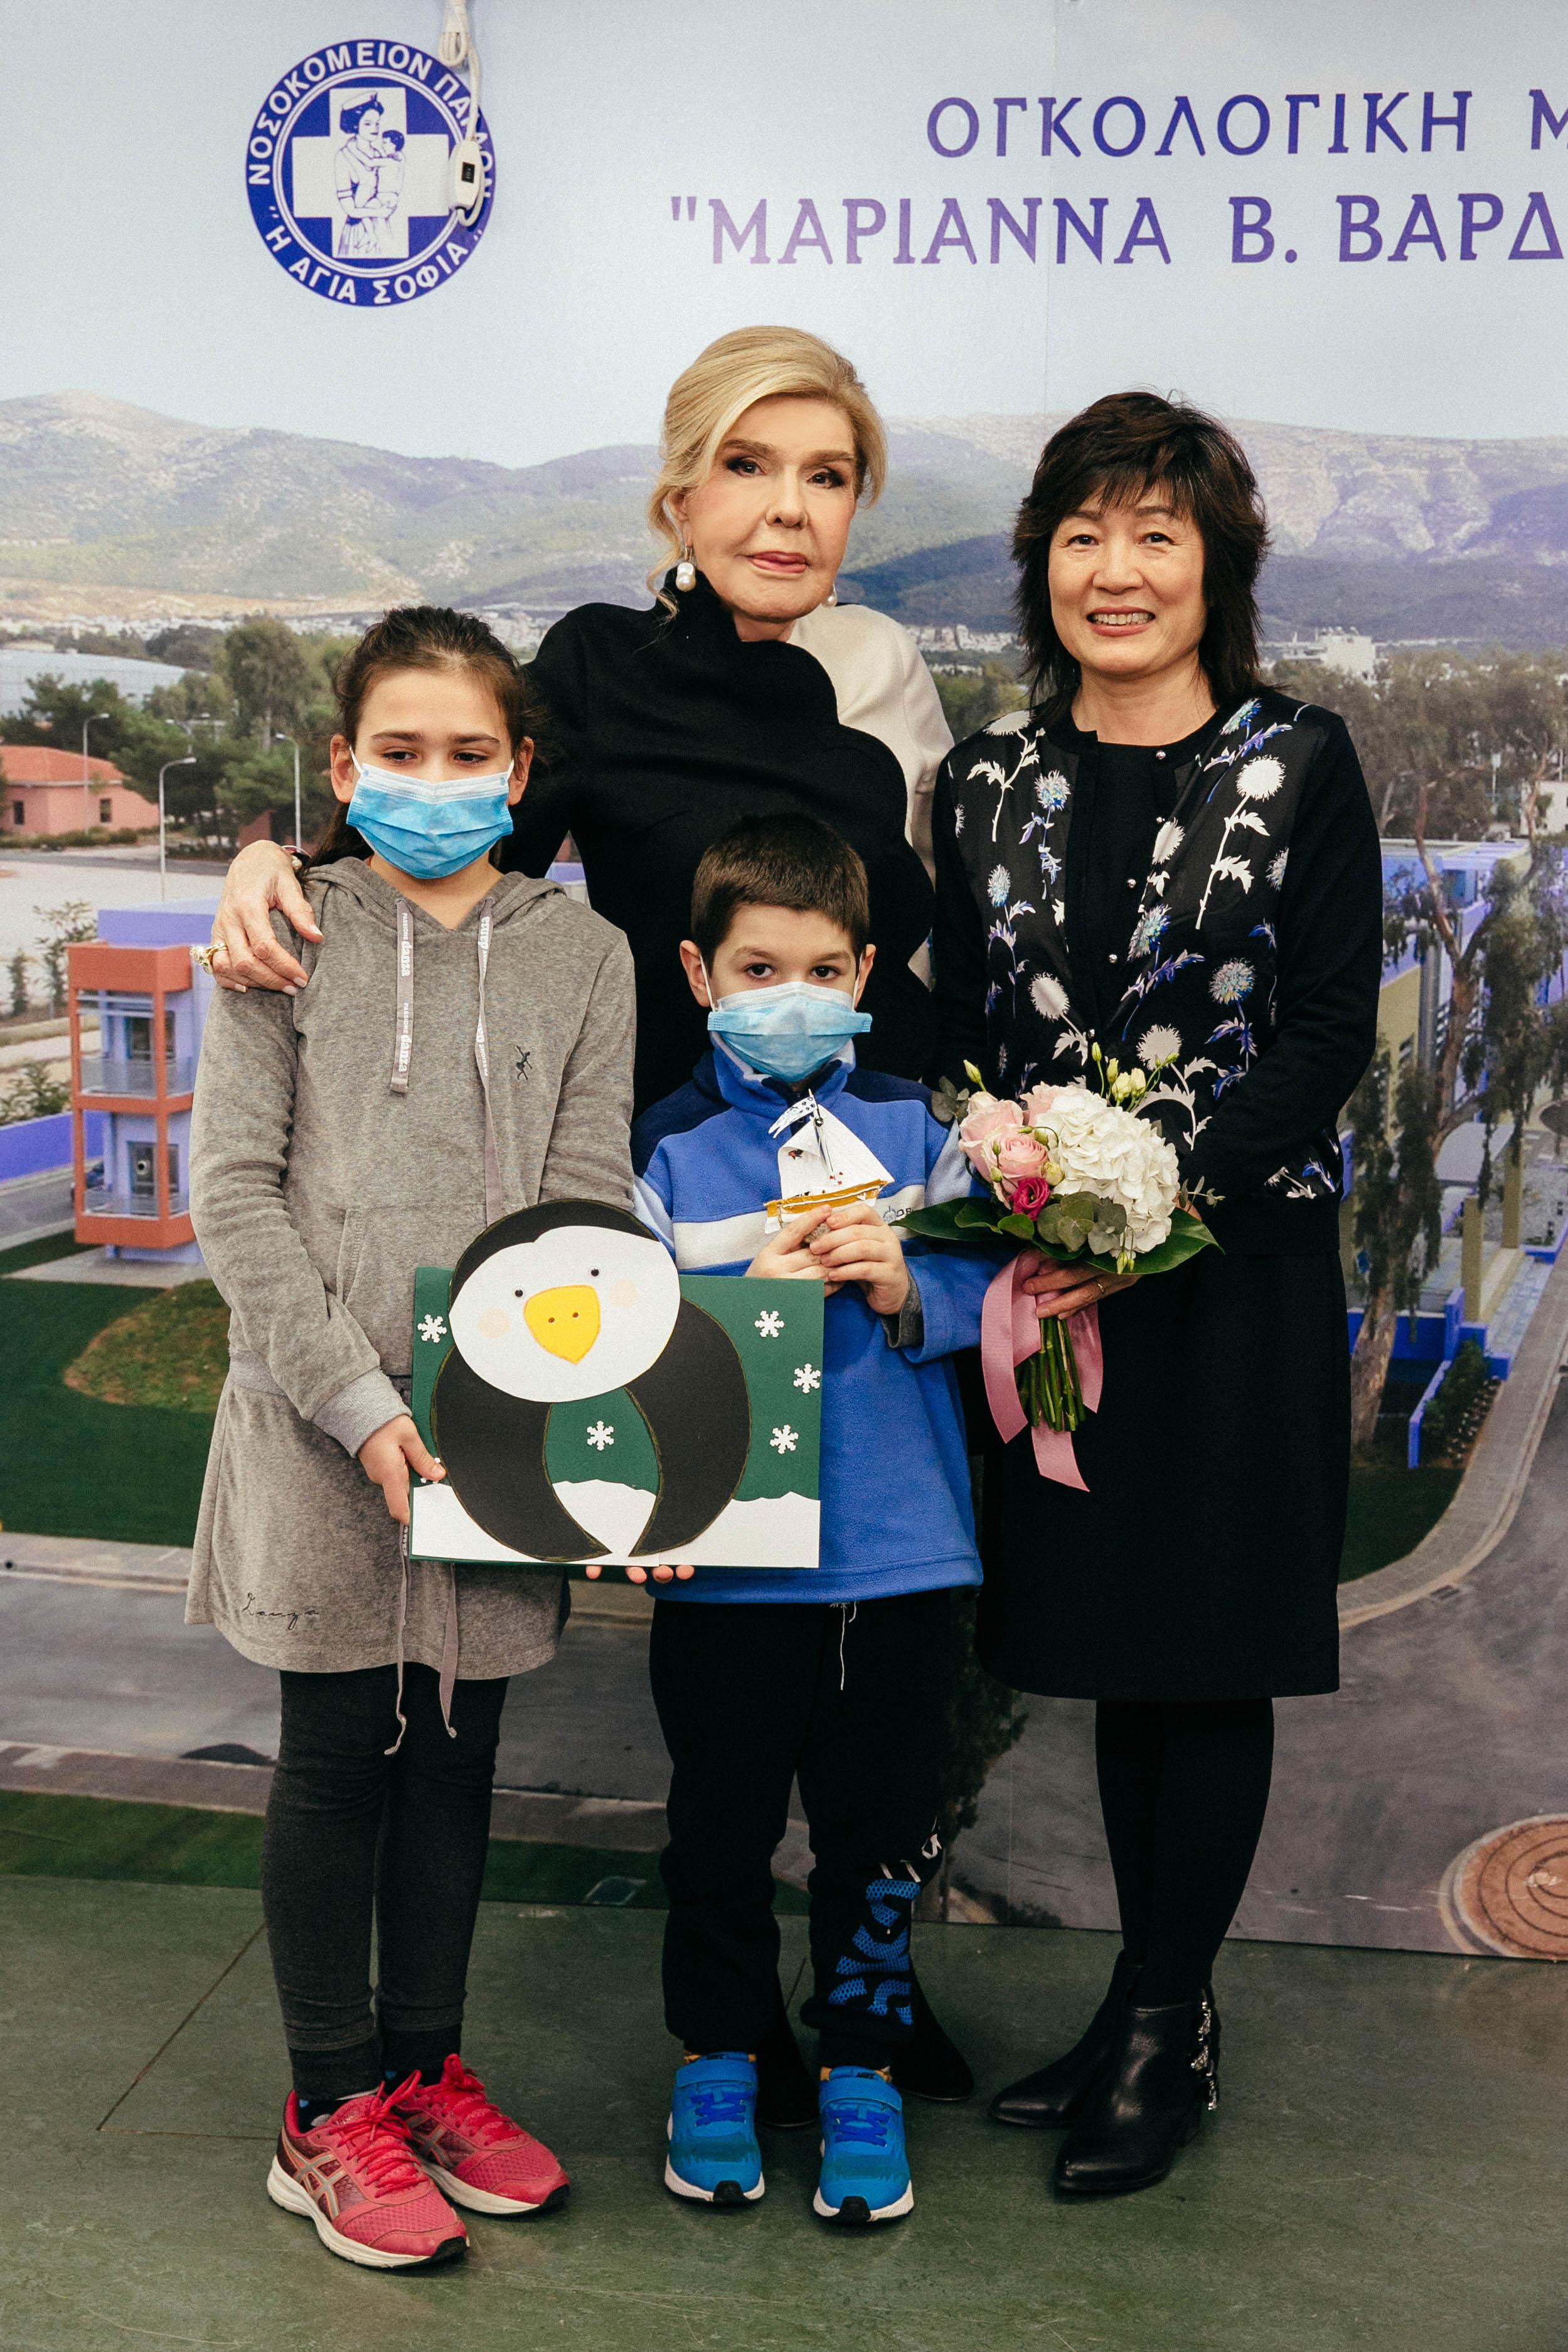 Η Μαριάννα Β. Βαρδινογιάννη με την Πρέσβειρα της Κίνας